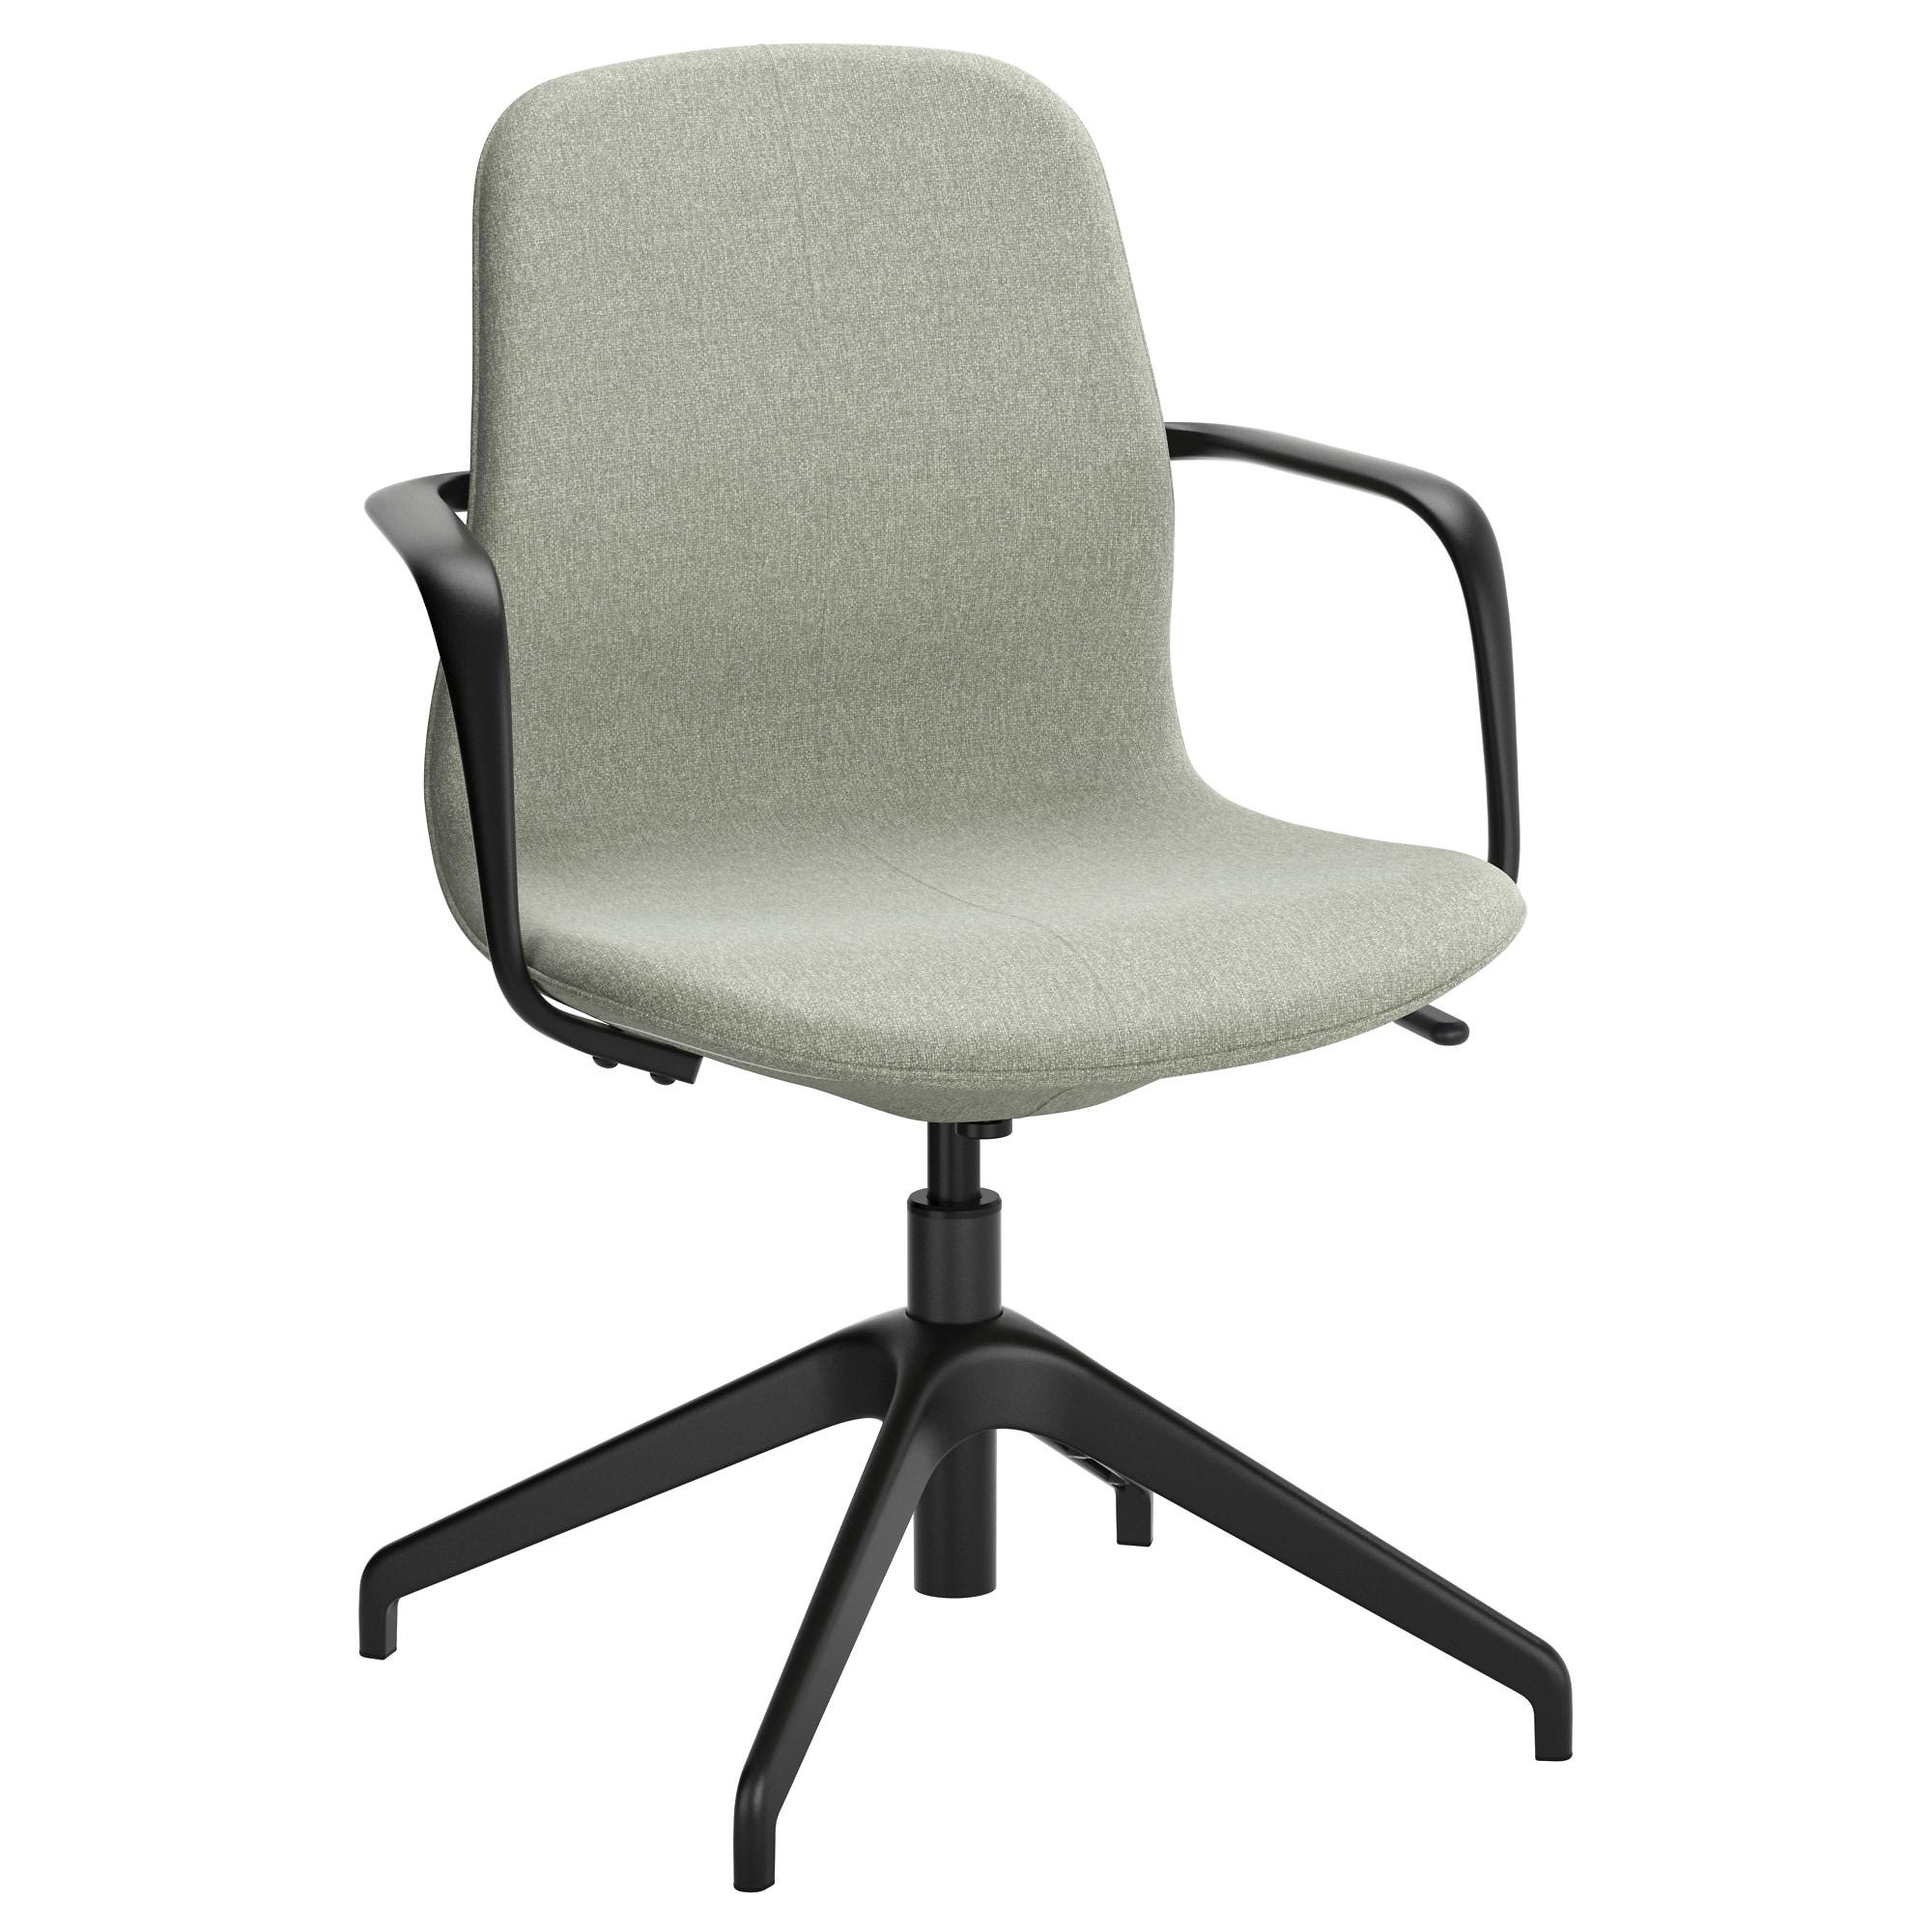 Sillas Despacho Ikea E6d5 Sillas De Oficina Y Sillas De Trabajo Pra Online Ikea